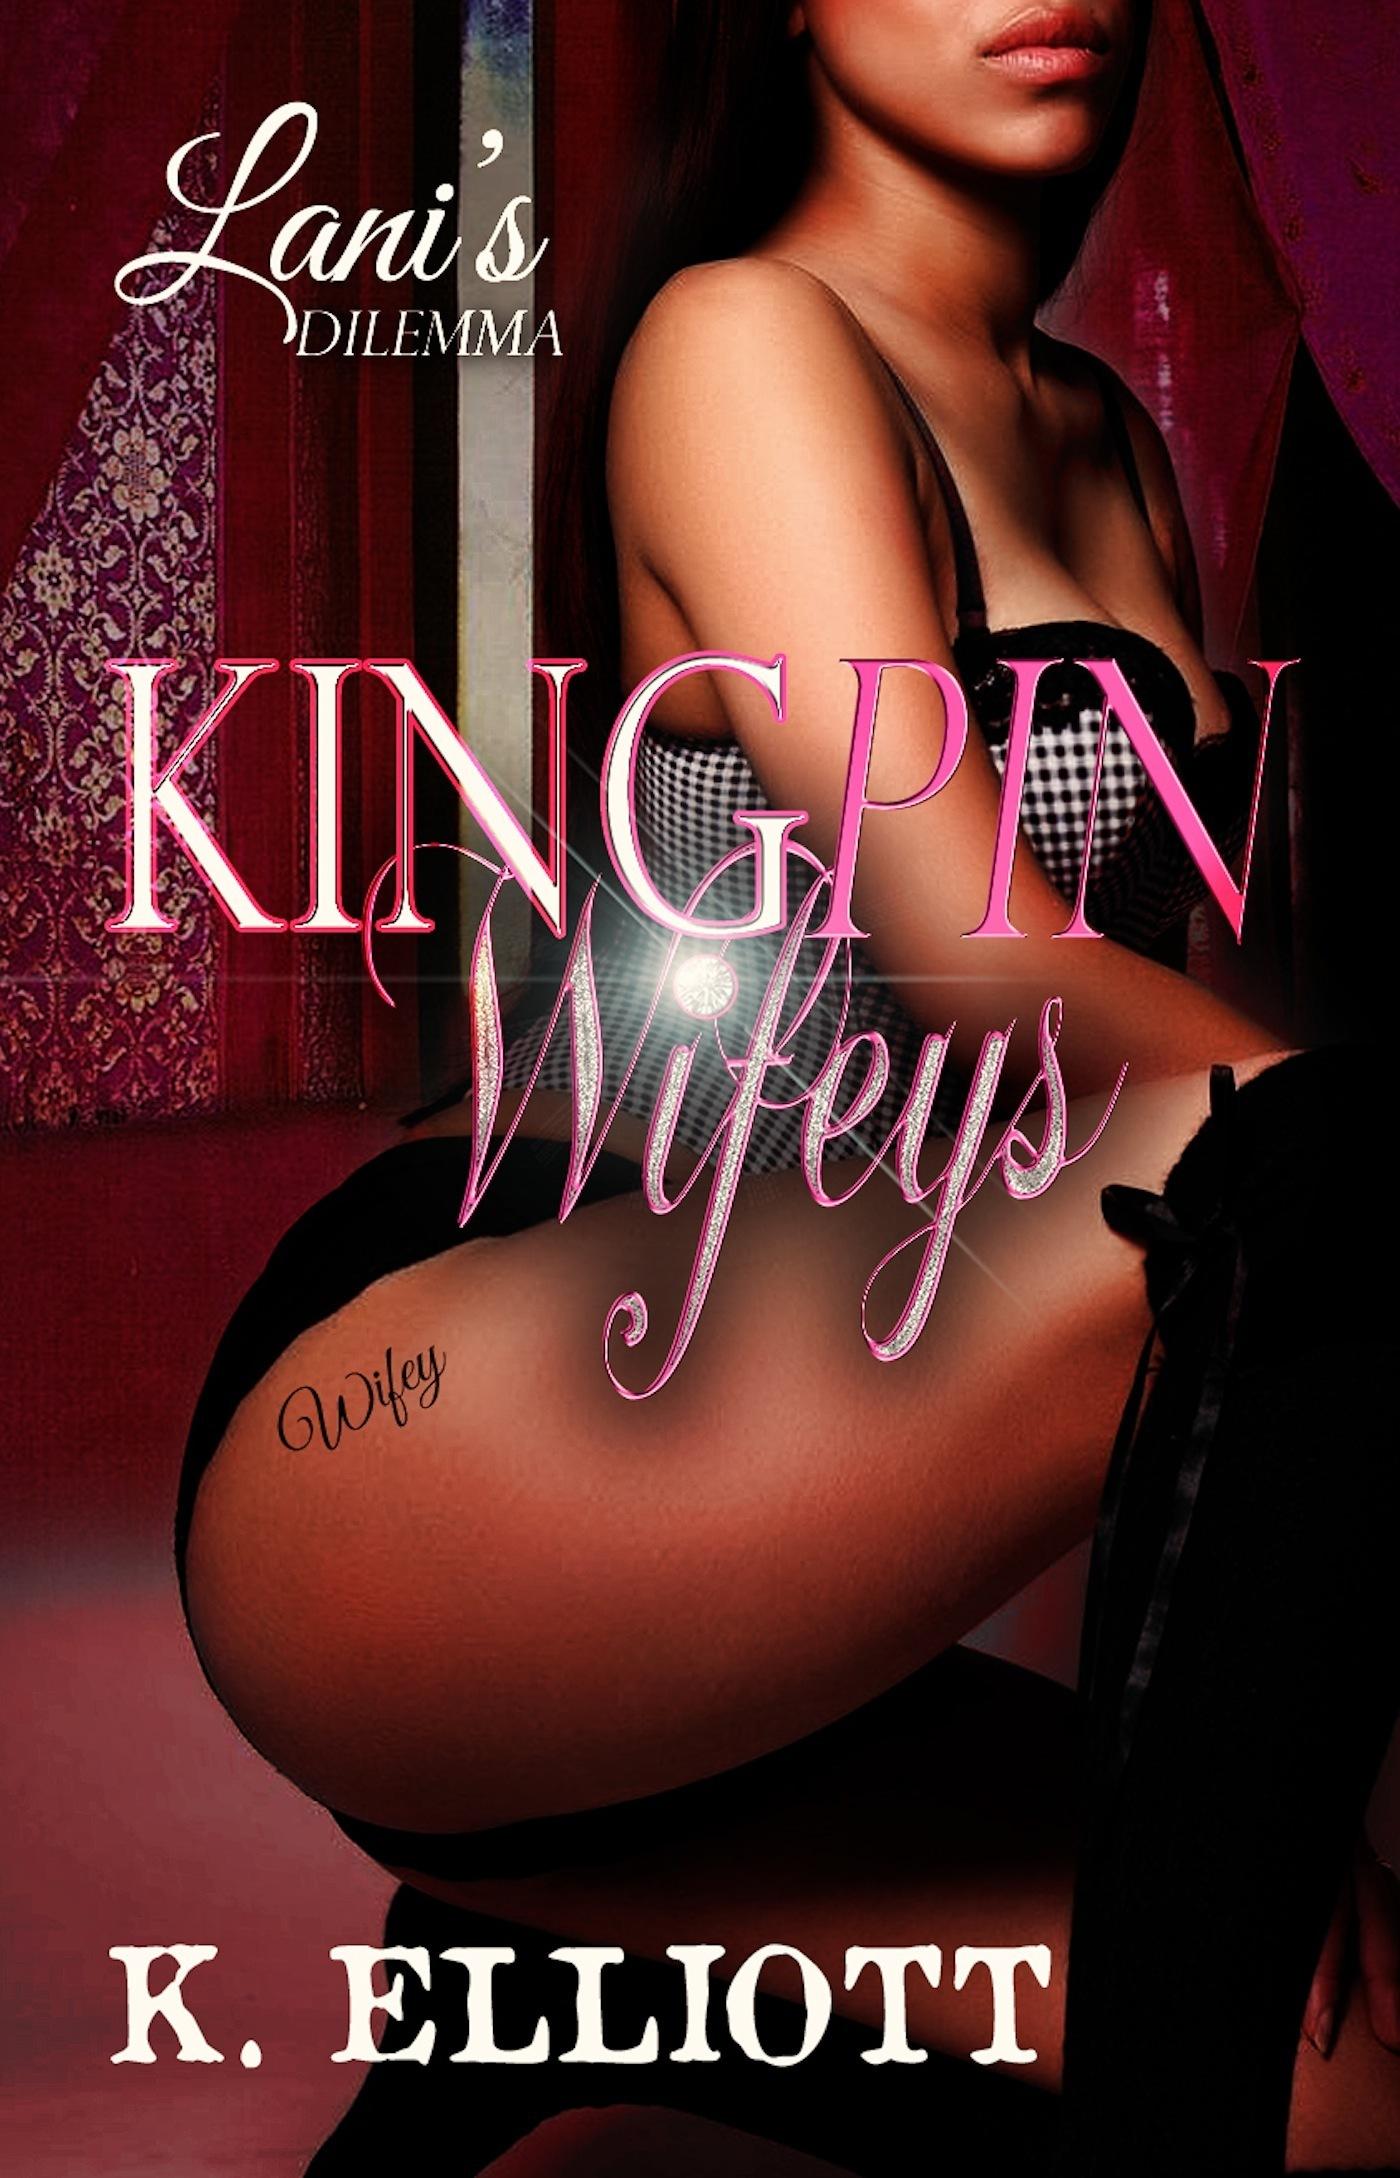 Kingpin Wifeys 5: Lanis Dilemma K Elliott